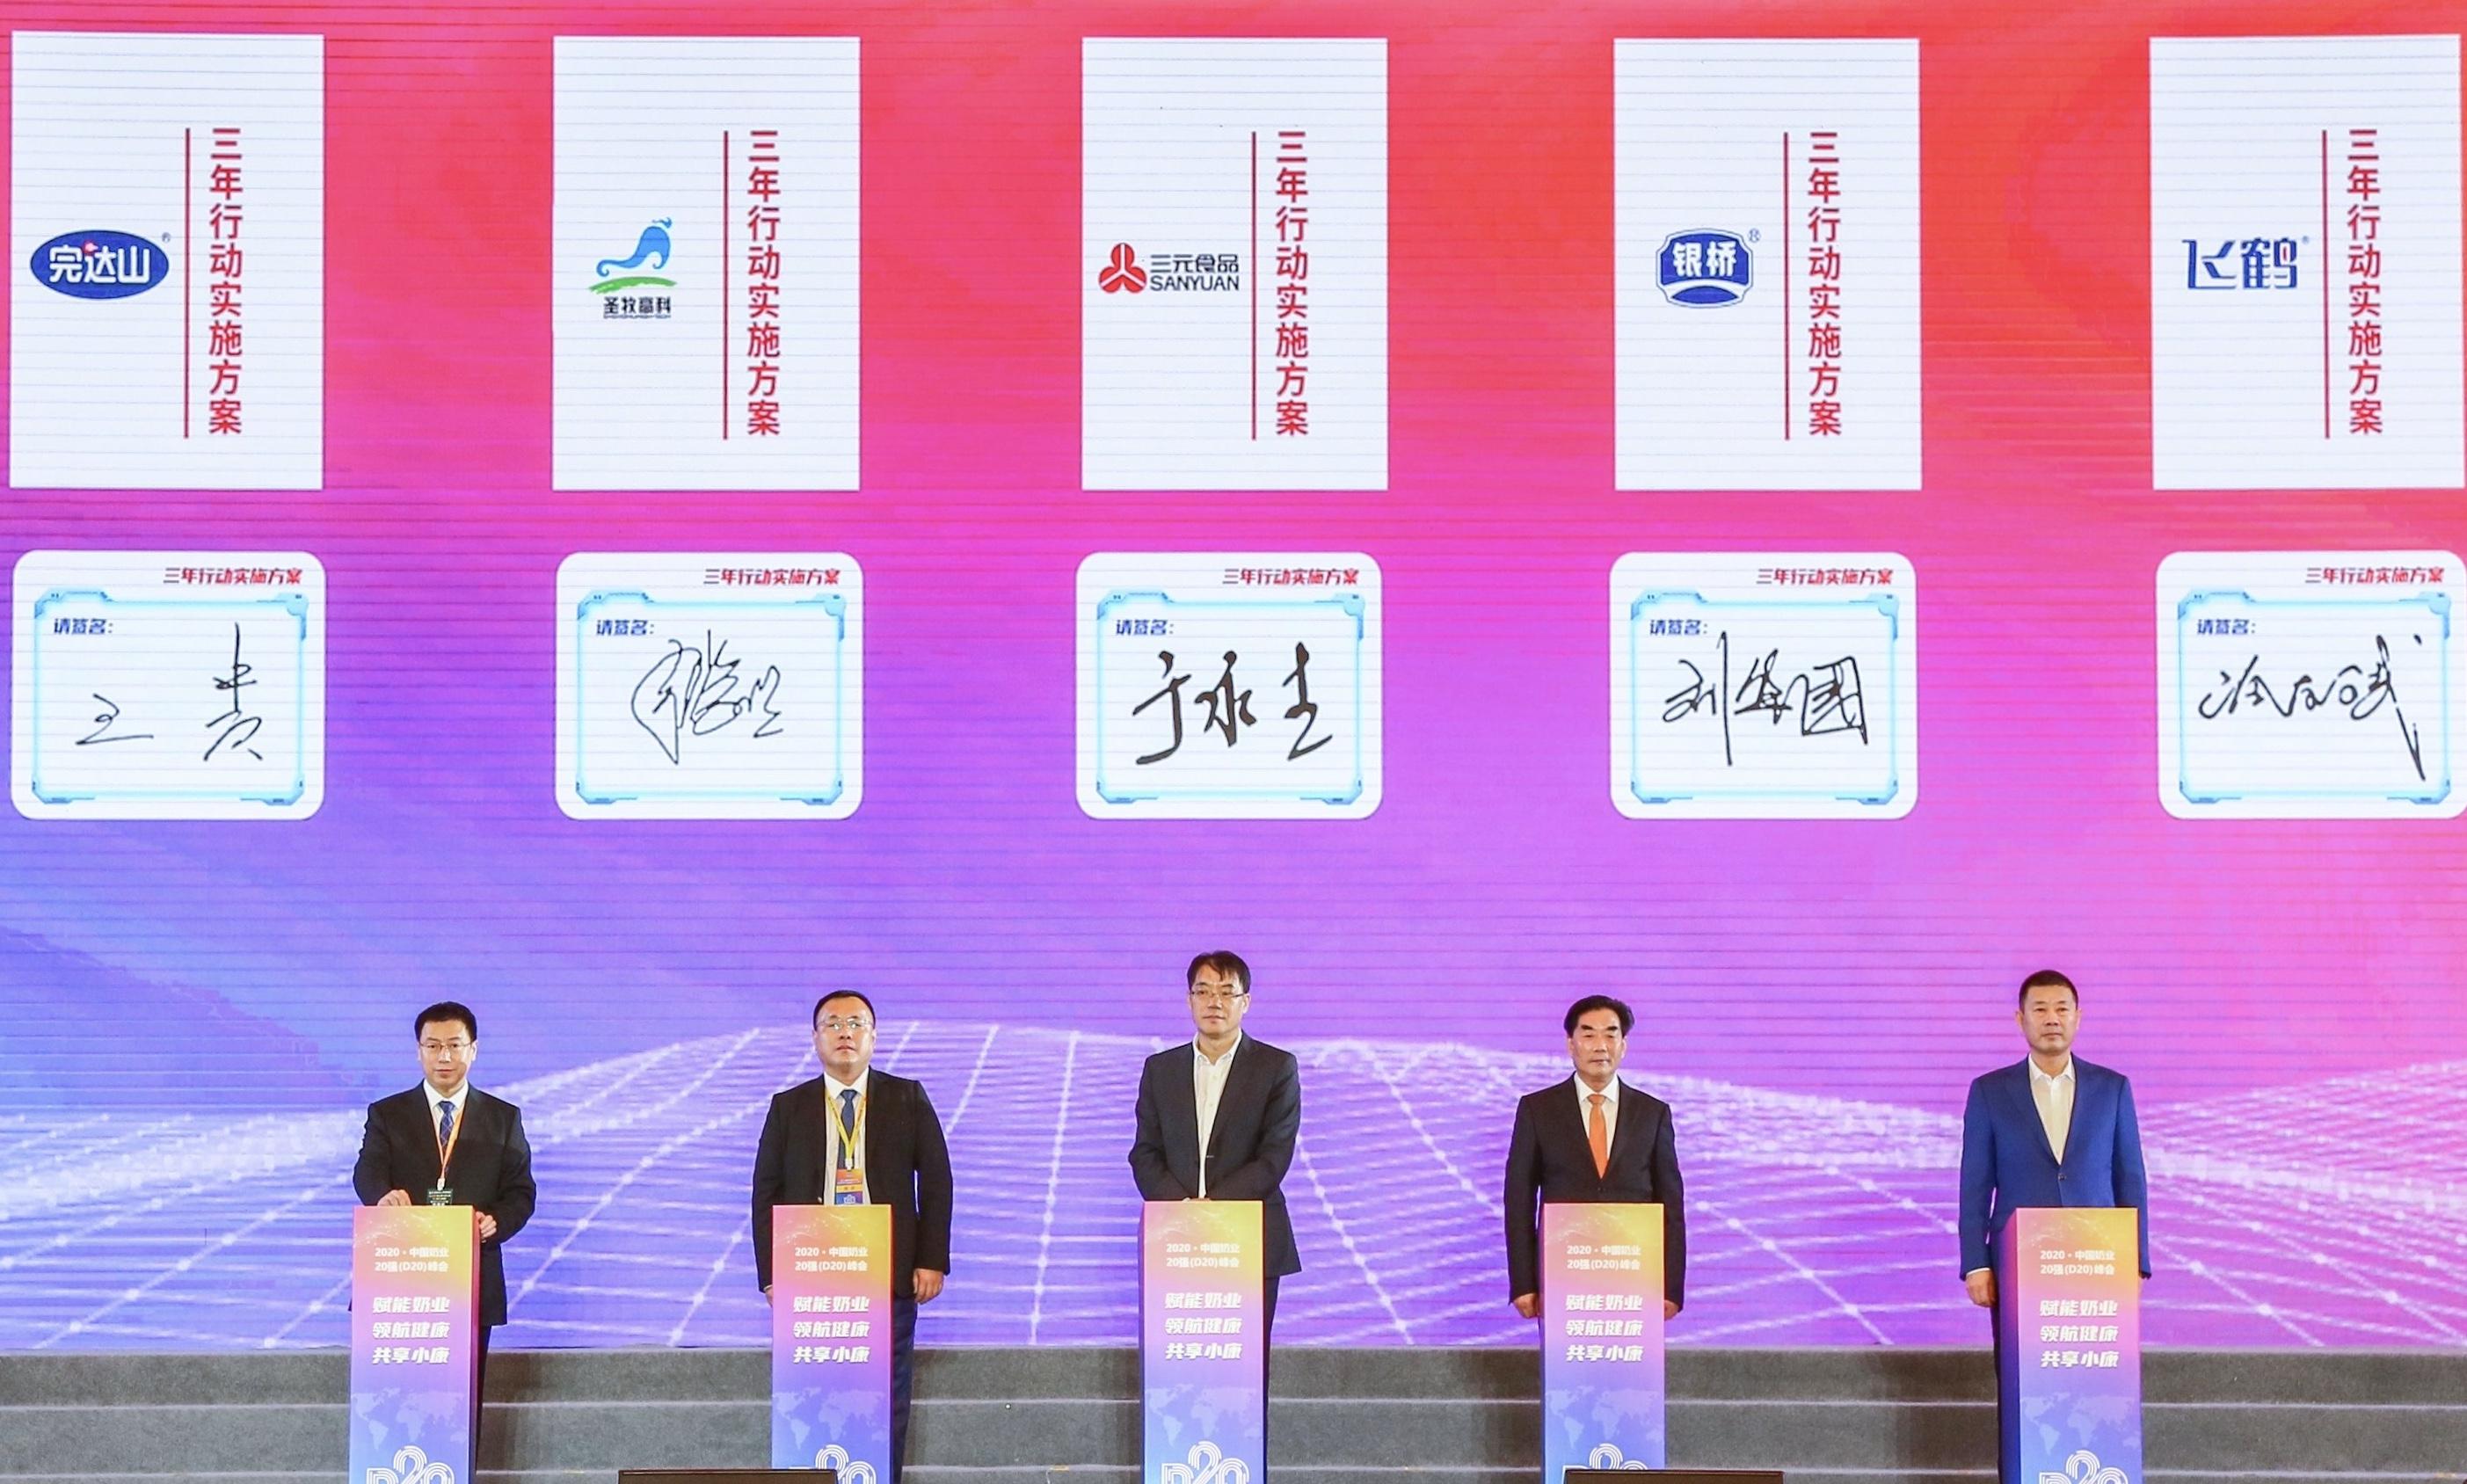 图1-中国飞鹤董事长冷友斌(右一)携手同行签字发布企业《三年行动实施方案》